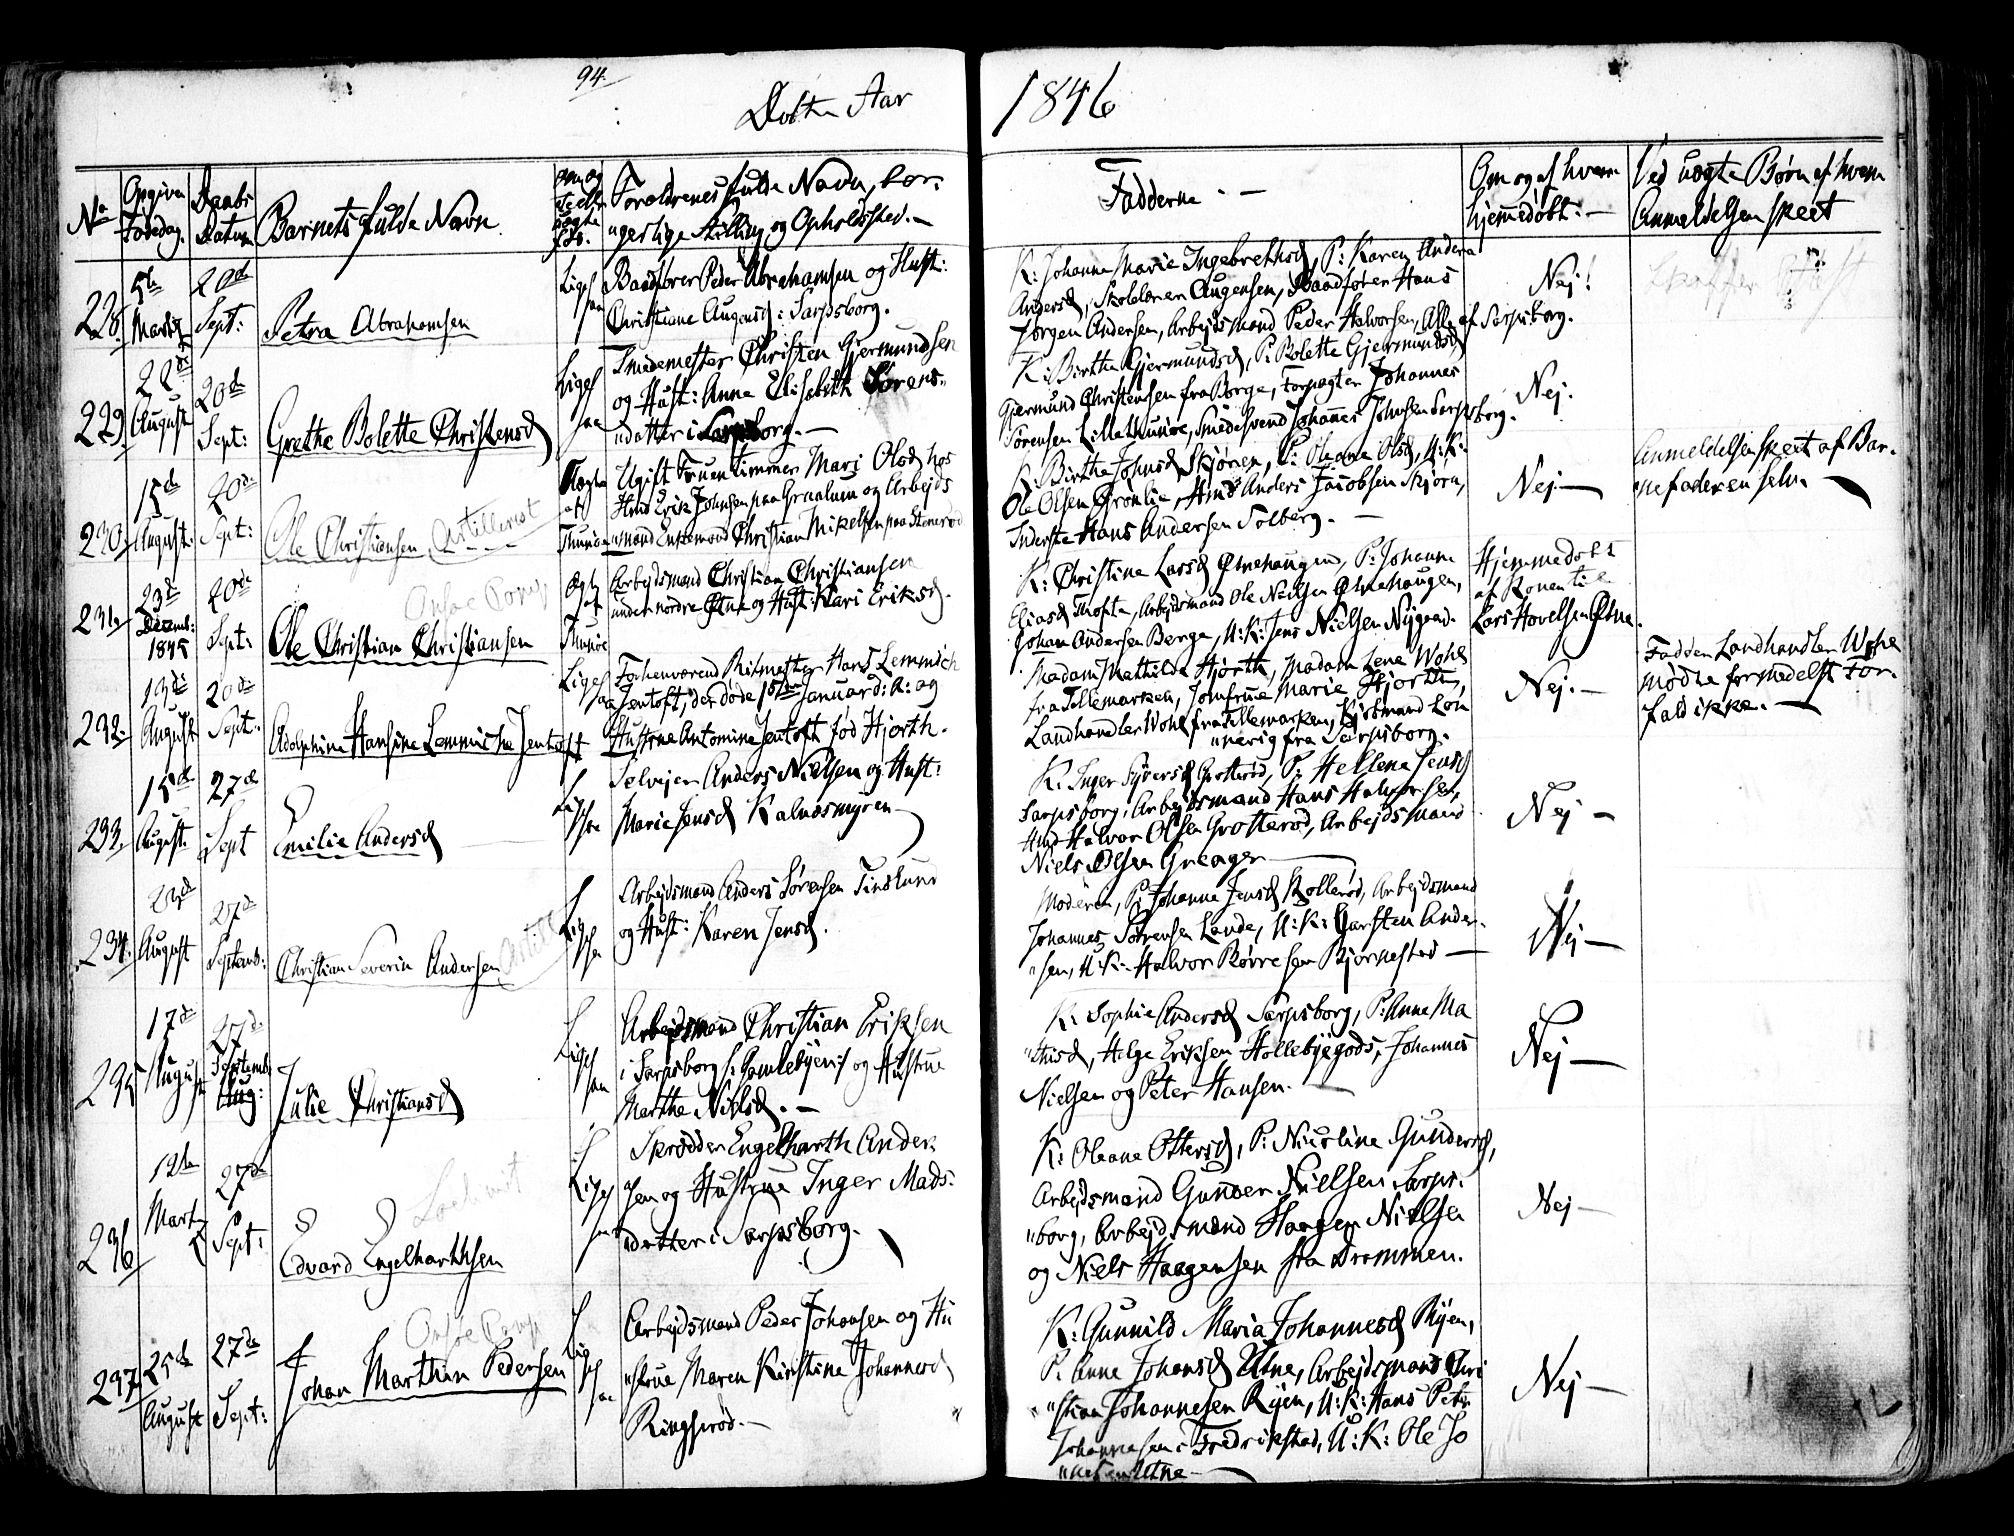 SAO, Tune prestekontor Kirkebøker, F/Fa/L0009: Ministerialbok nr. 9, 1842-1846, s. 94